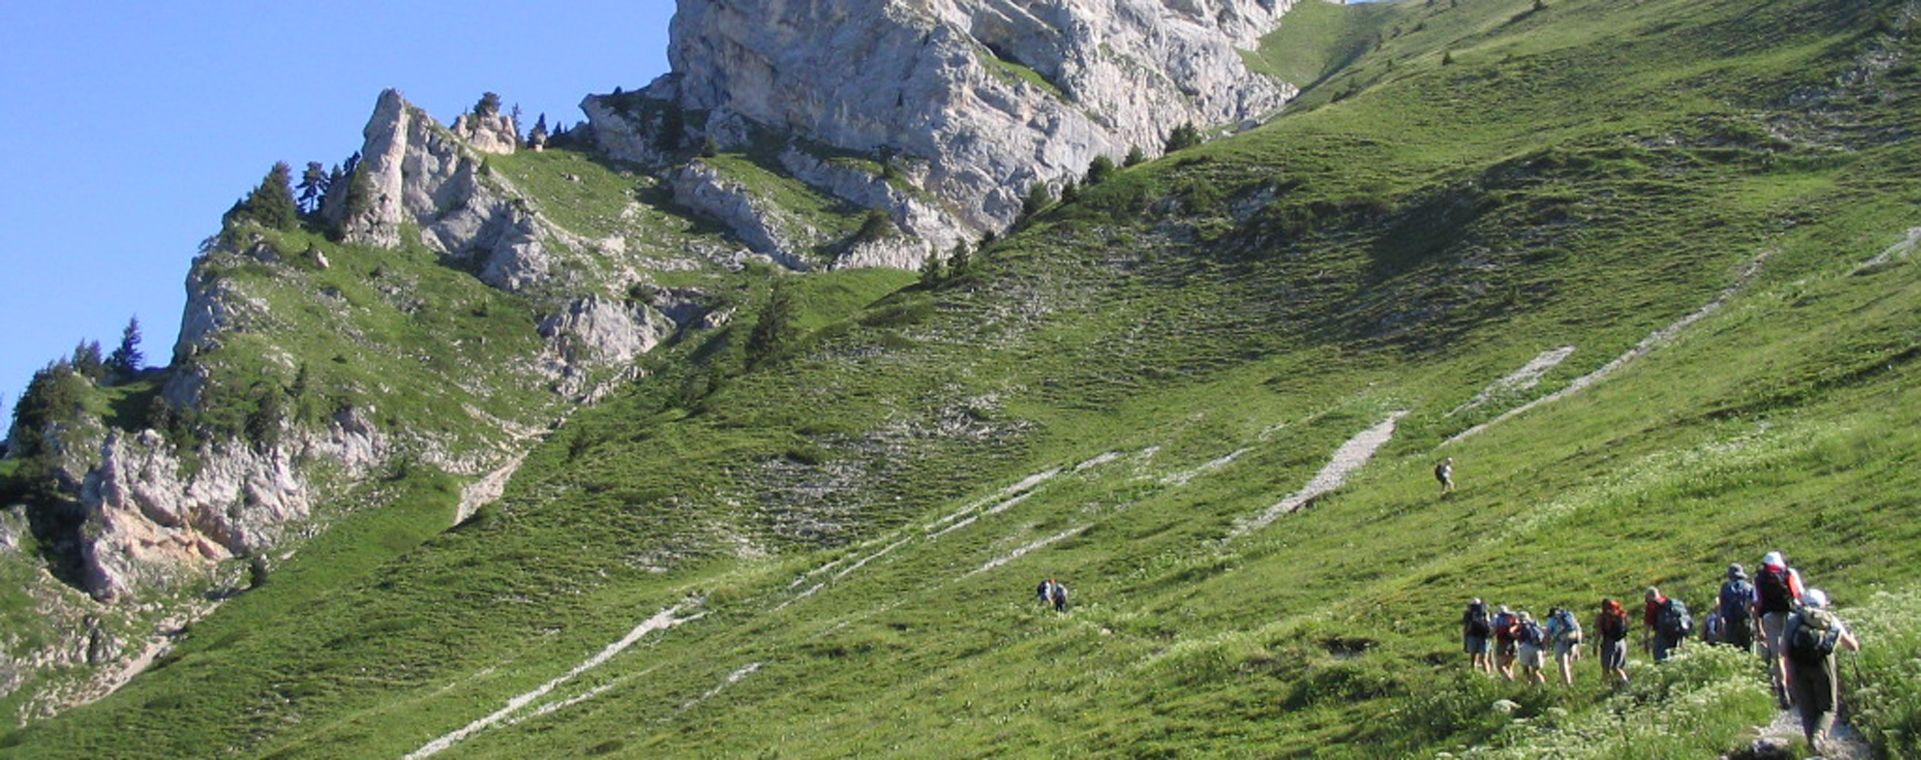 Image Tour du parc naturel de la Chartreuse en gîte